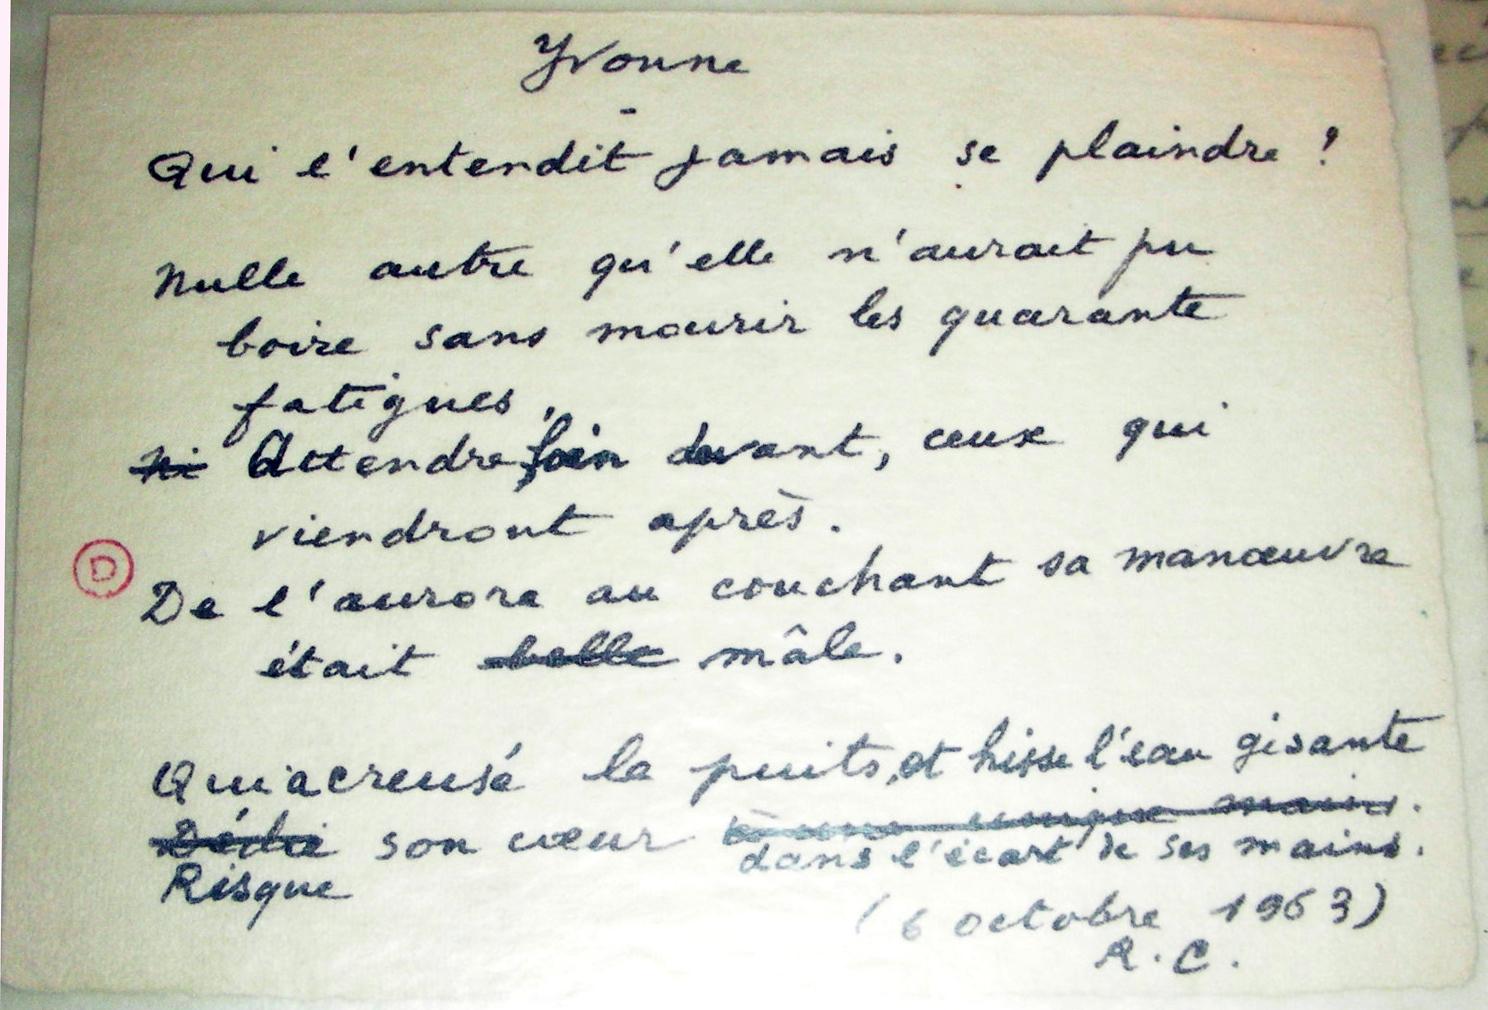 Lecture Dyvonne De René Char En Regard De Son Manuscrit